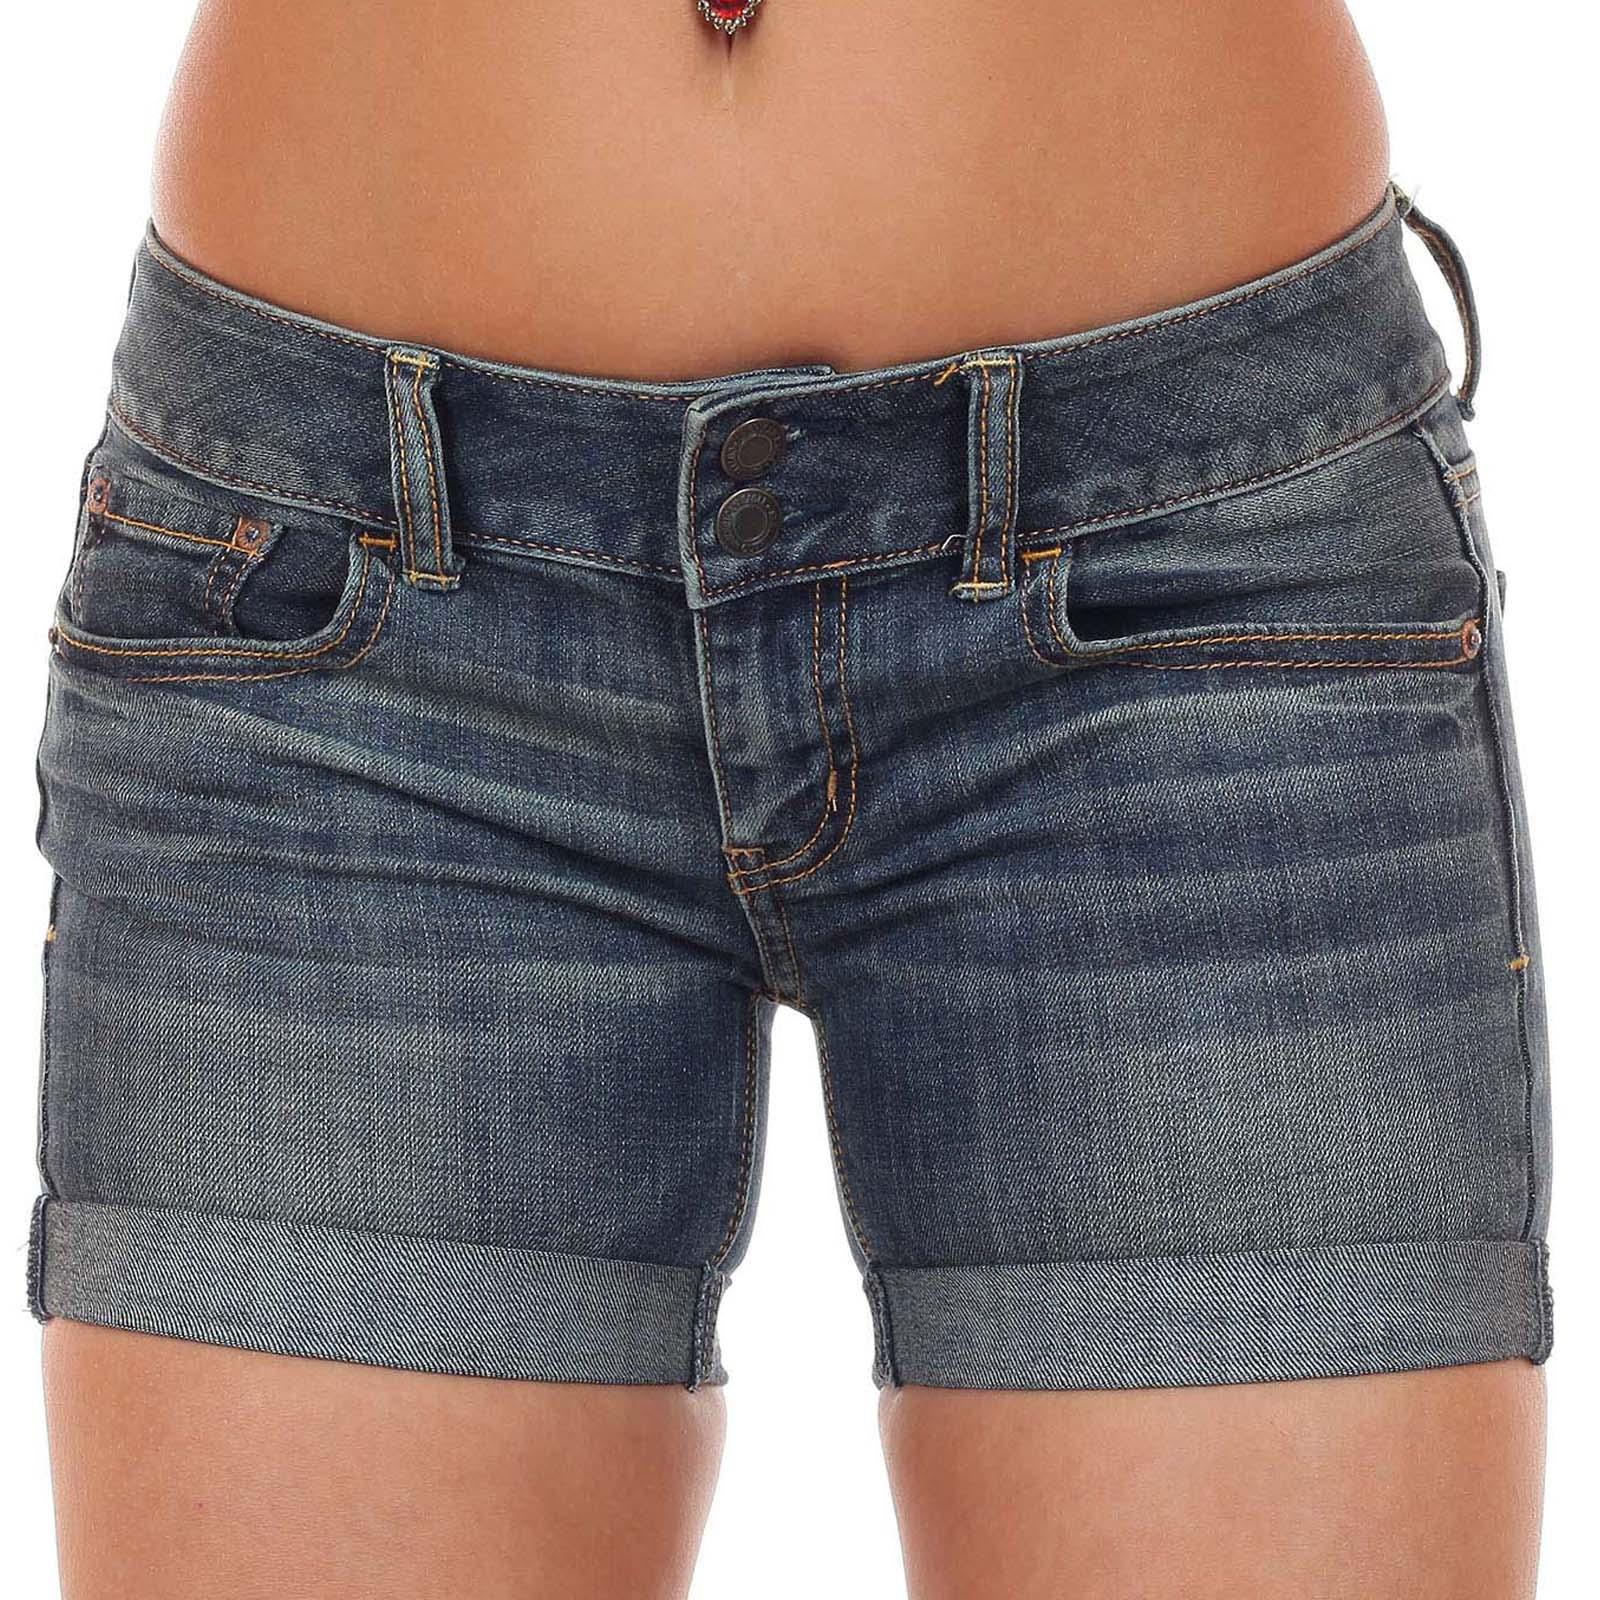 Потрясные джинсовые шорты для обольщения мужчин